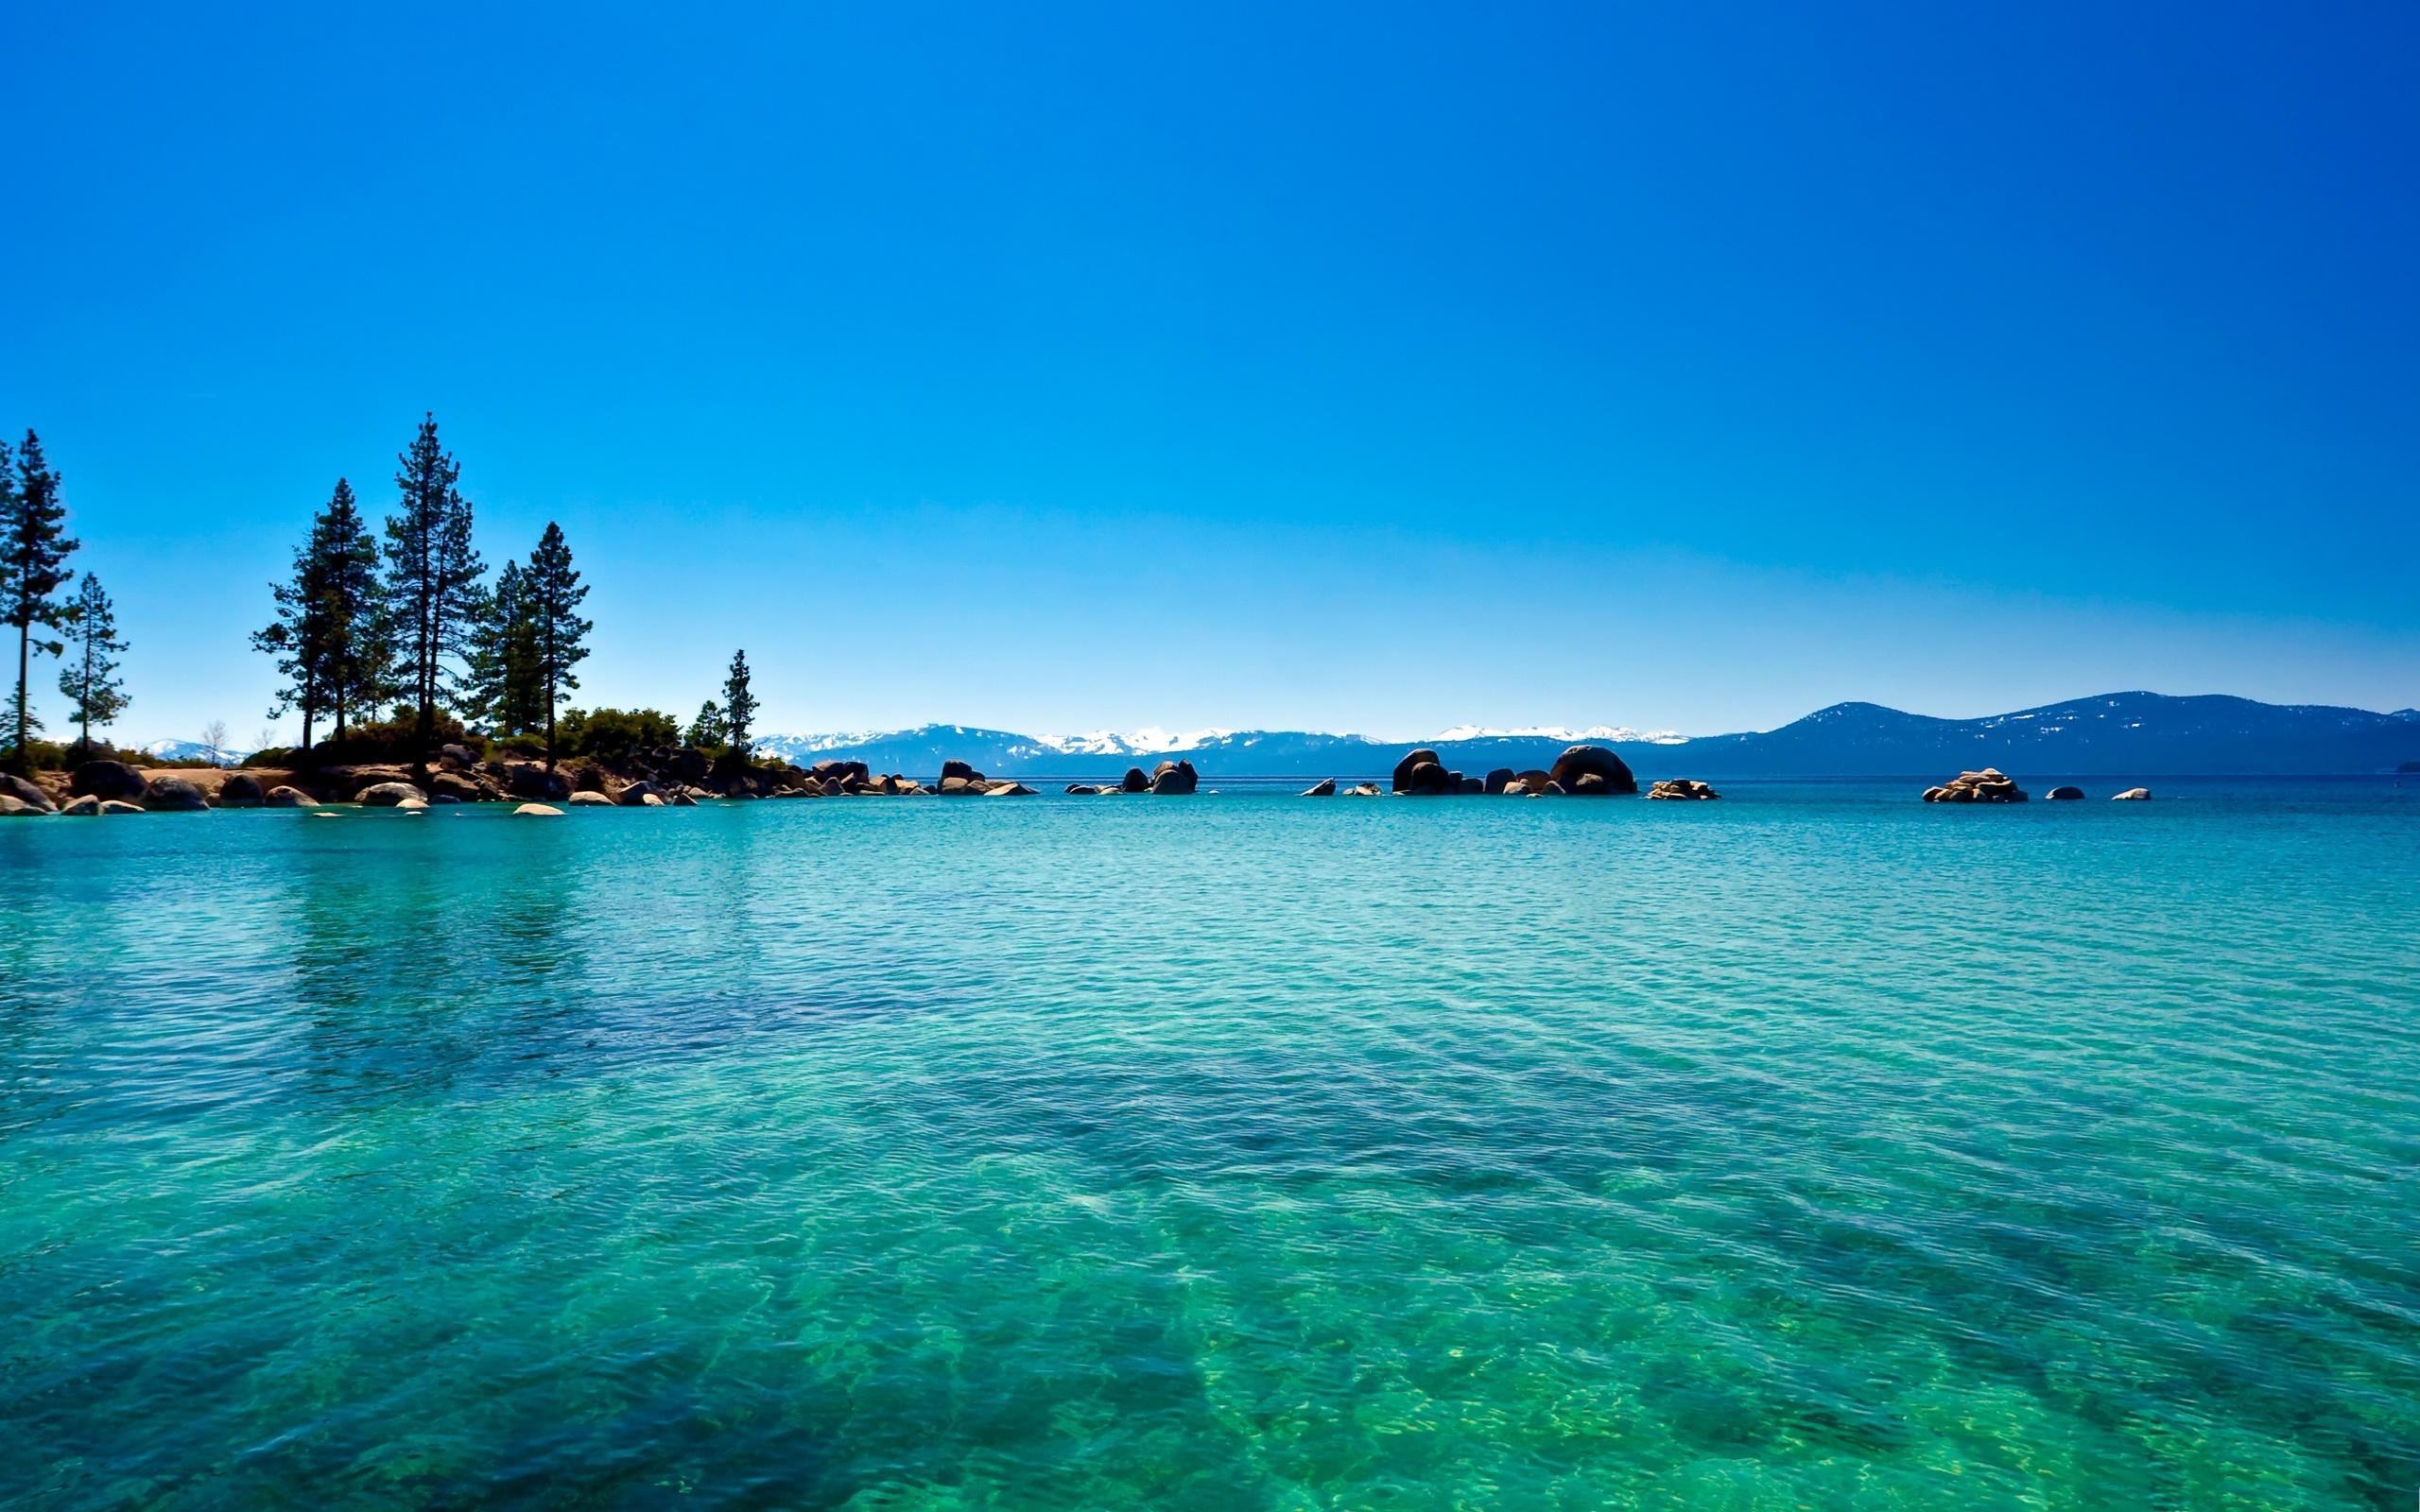 Lake Tahoe California Mac Wallpaper Download Allmacwallpaper